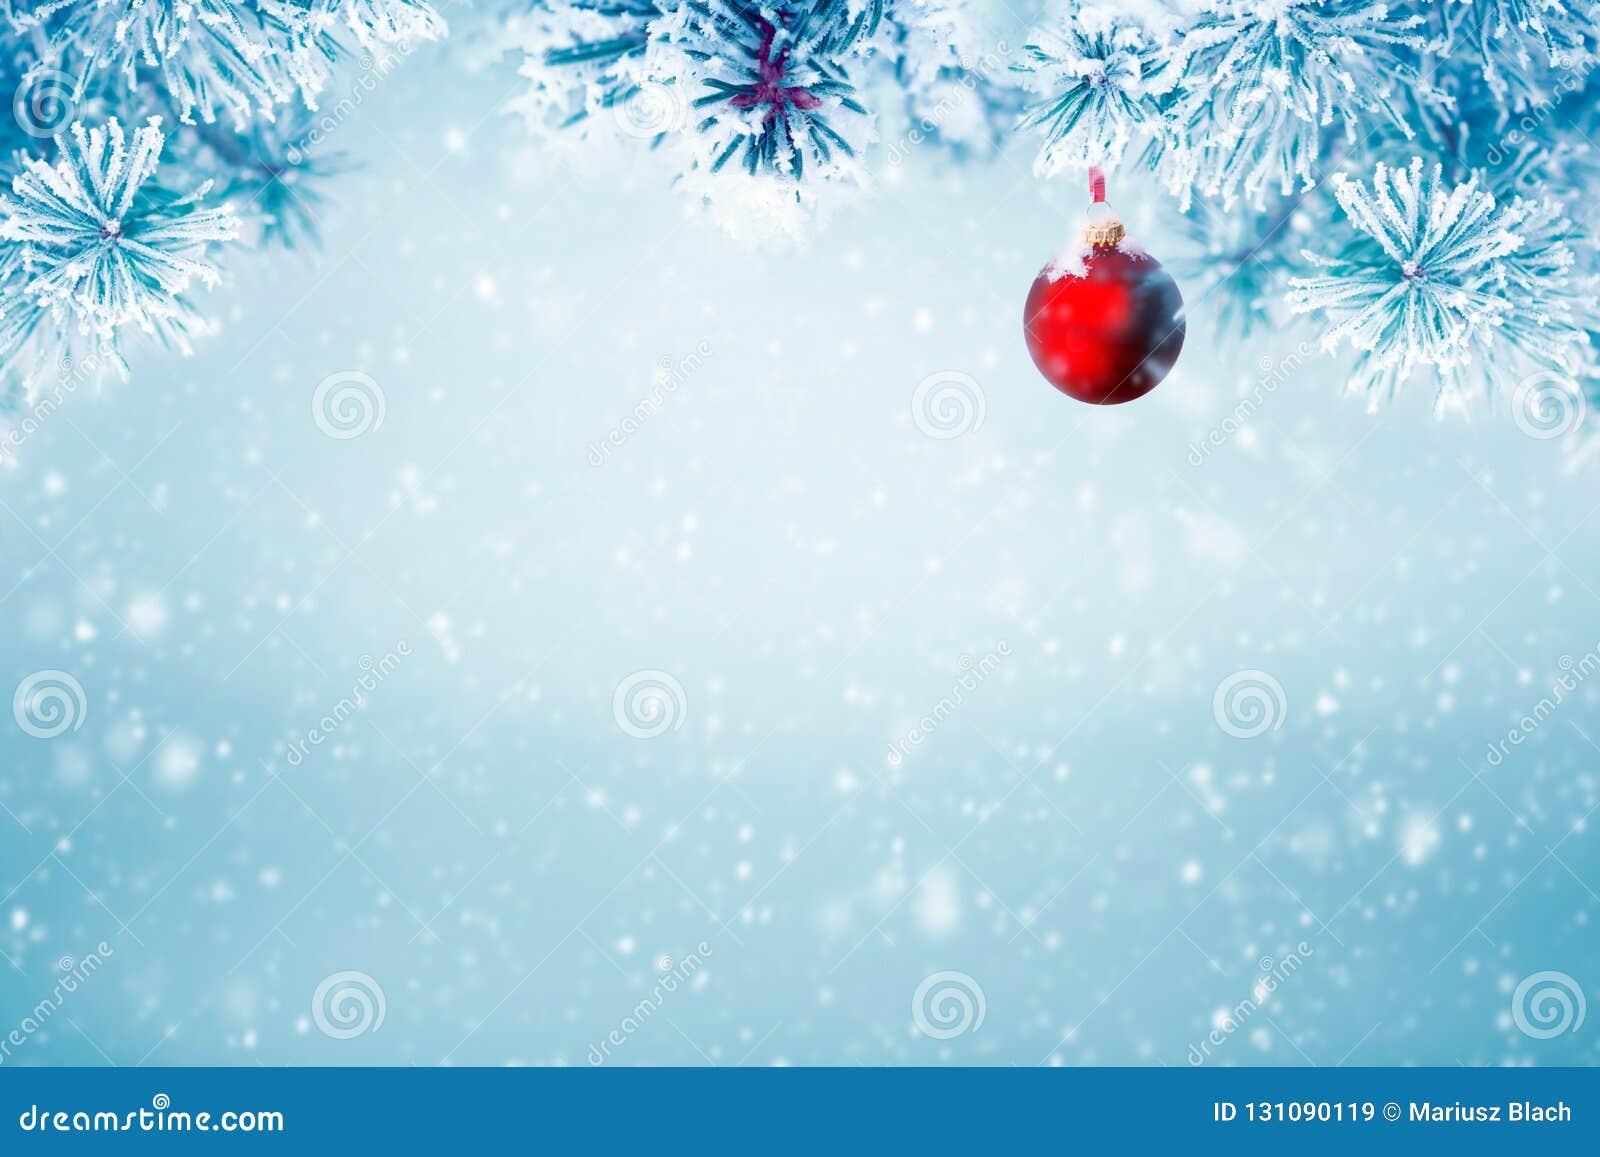 Natuurlijke Kerstmis dalende sneeuw als achtergrond